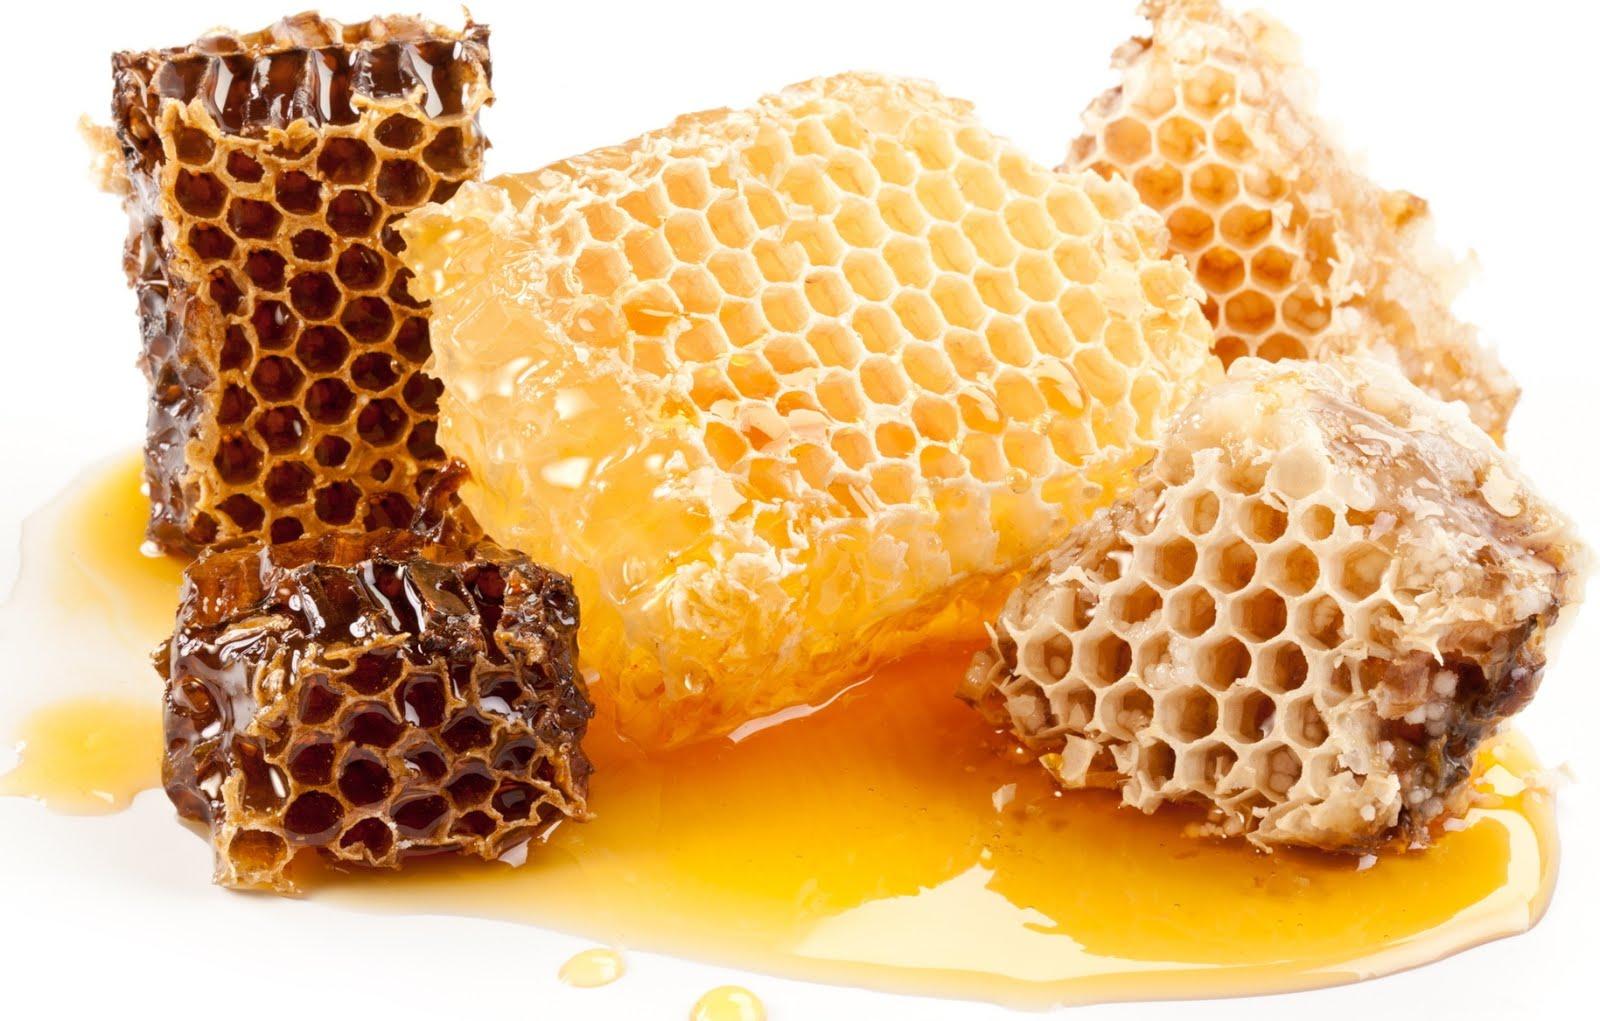 Khasiat lengkap dari madu